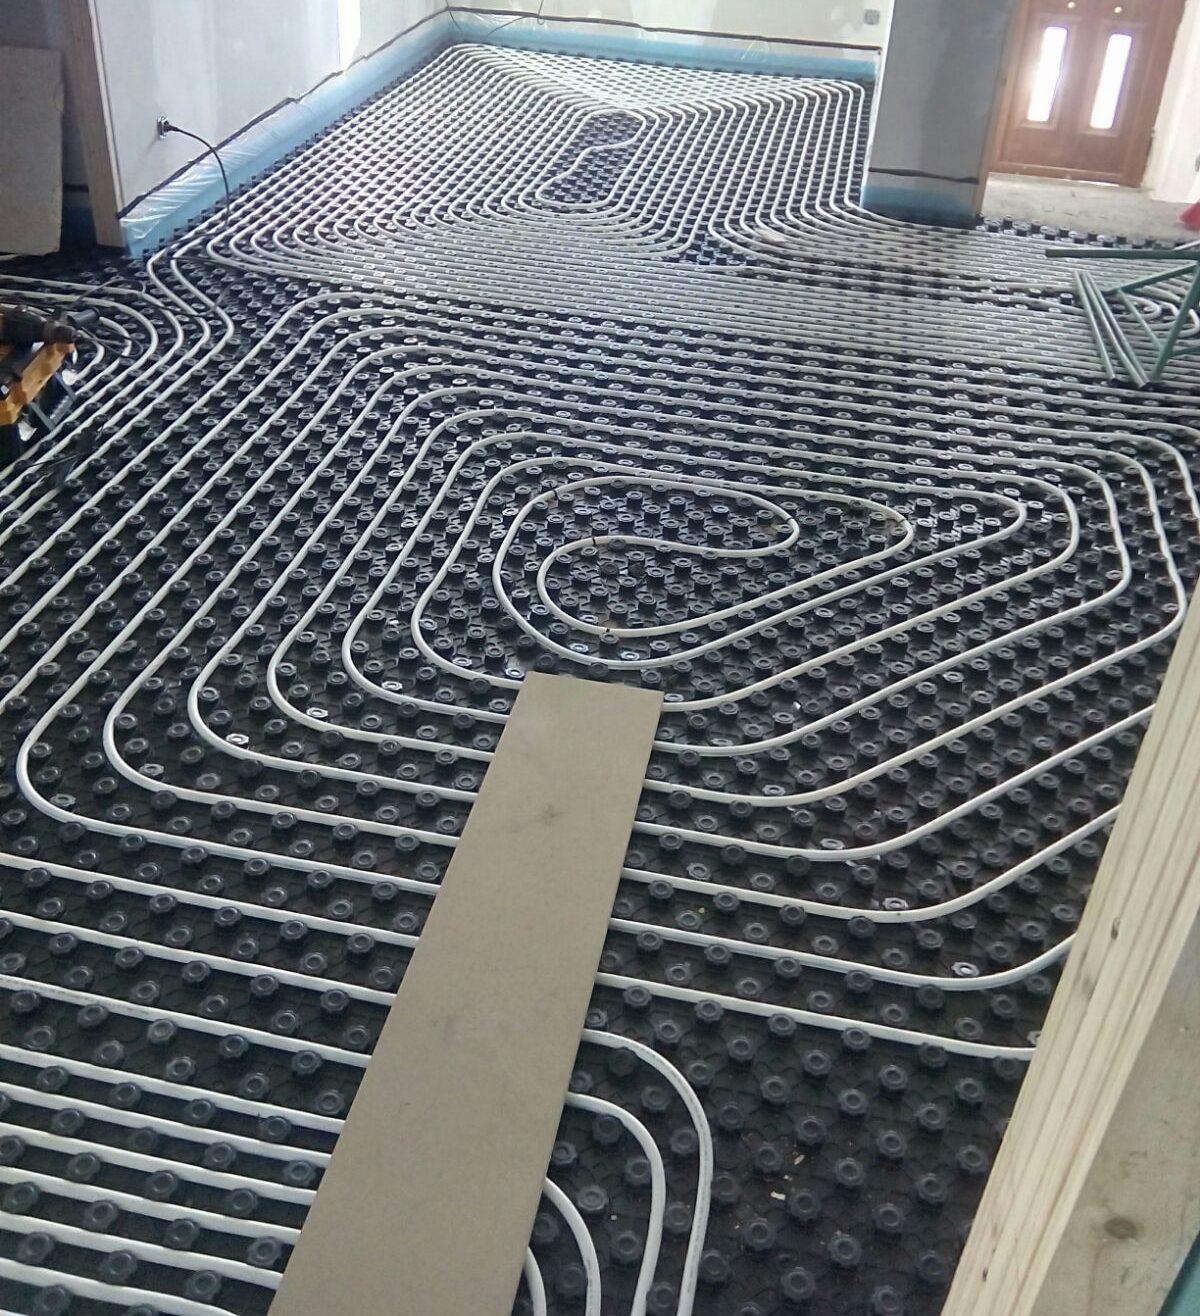 Instalación de suelo radiante en vivienda particular